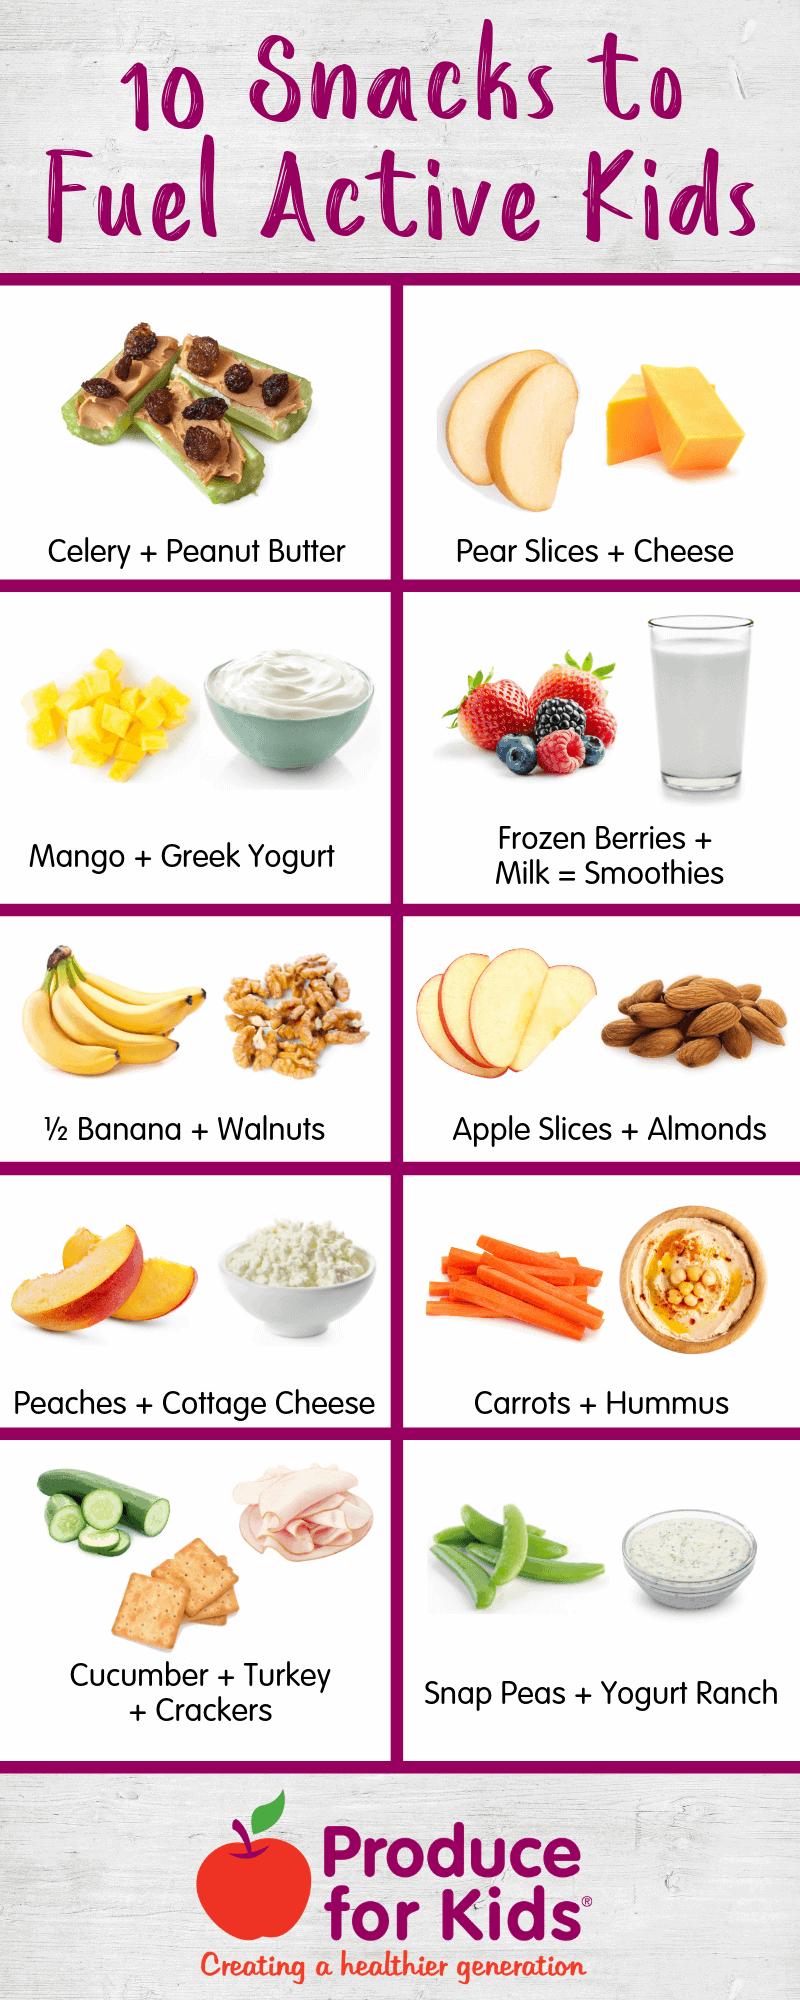 Snacks To Fuel Active Kids